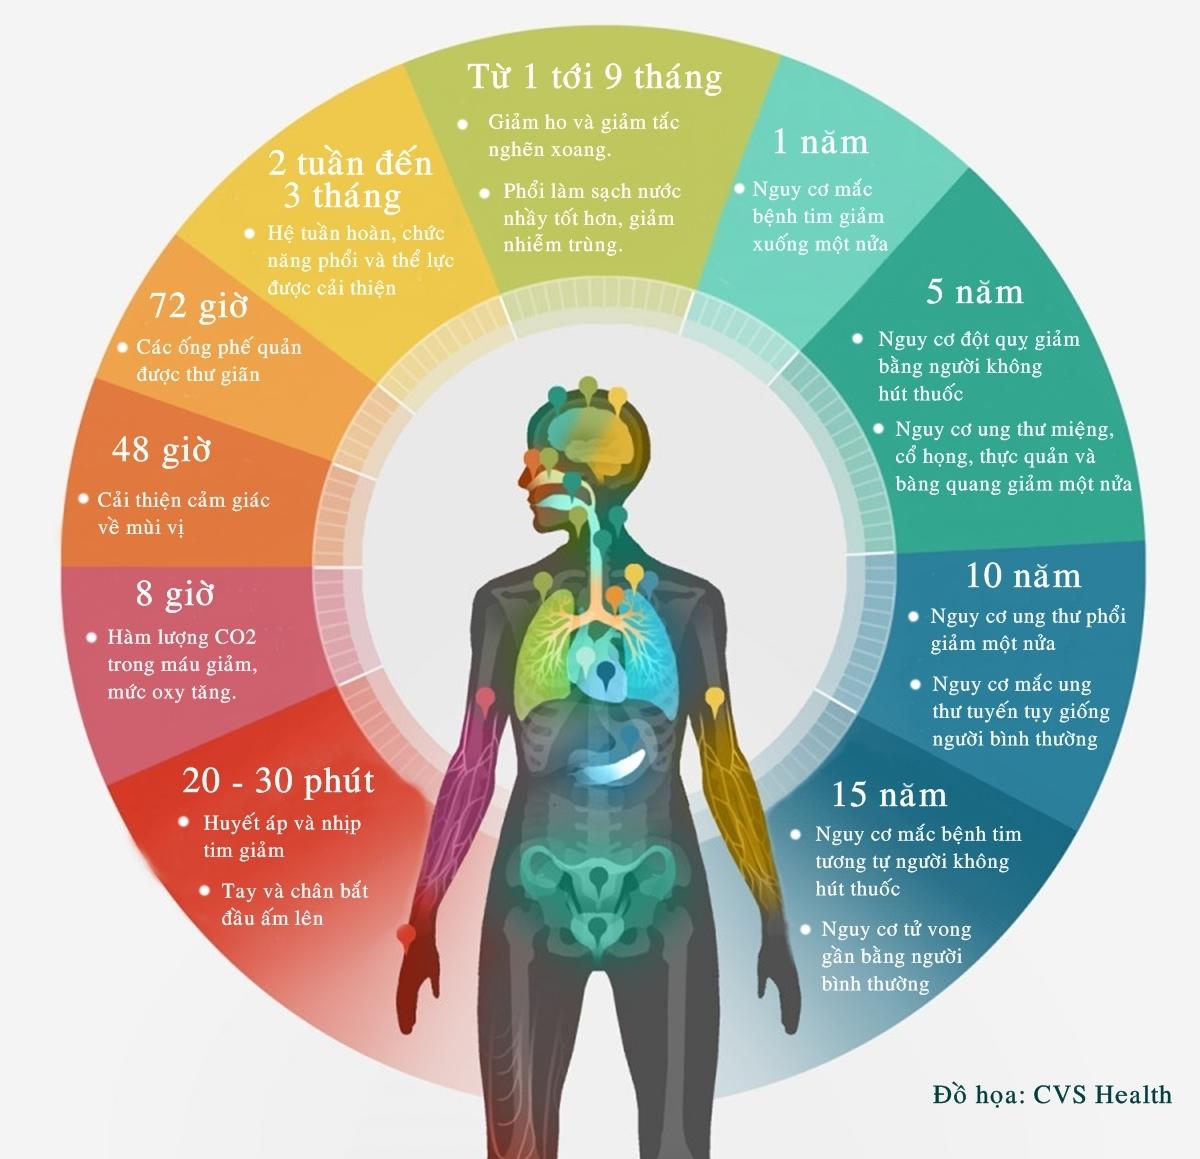 Tác động của bỏ hút thuốc lá đến cơ thể